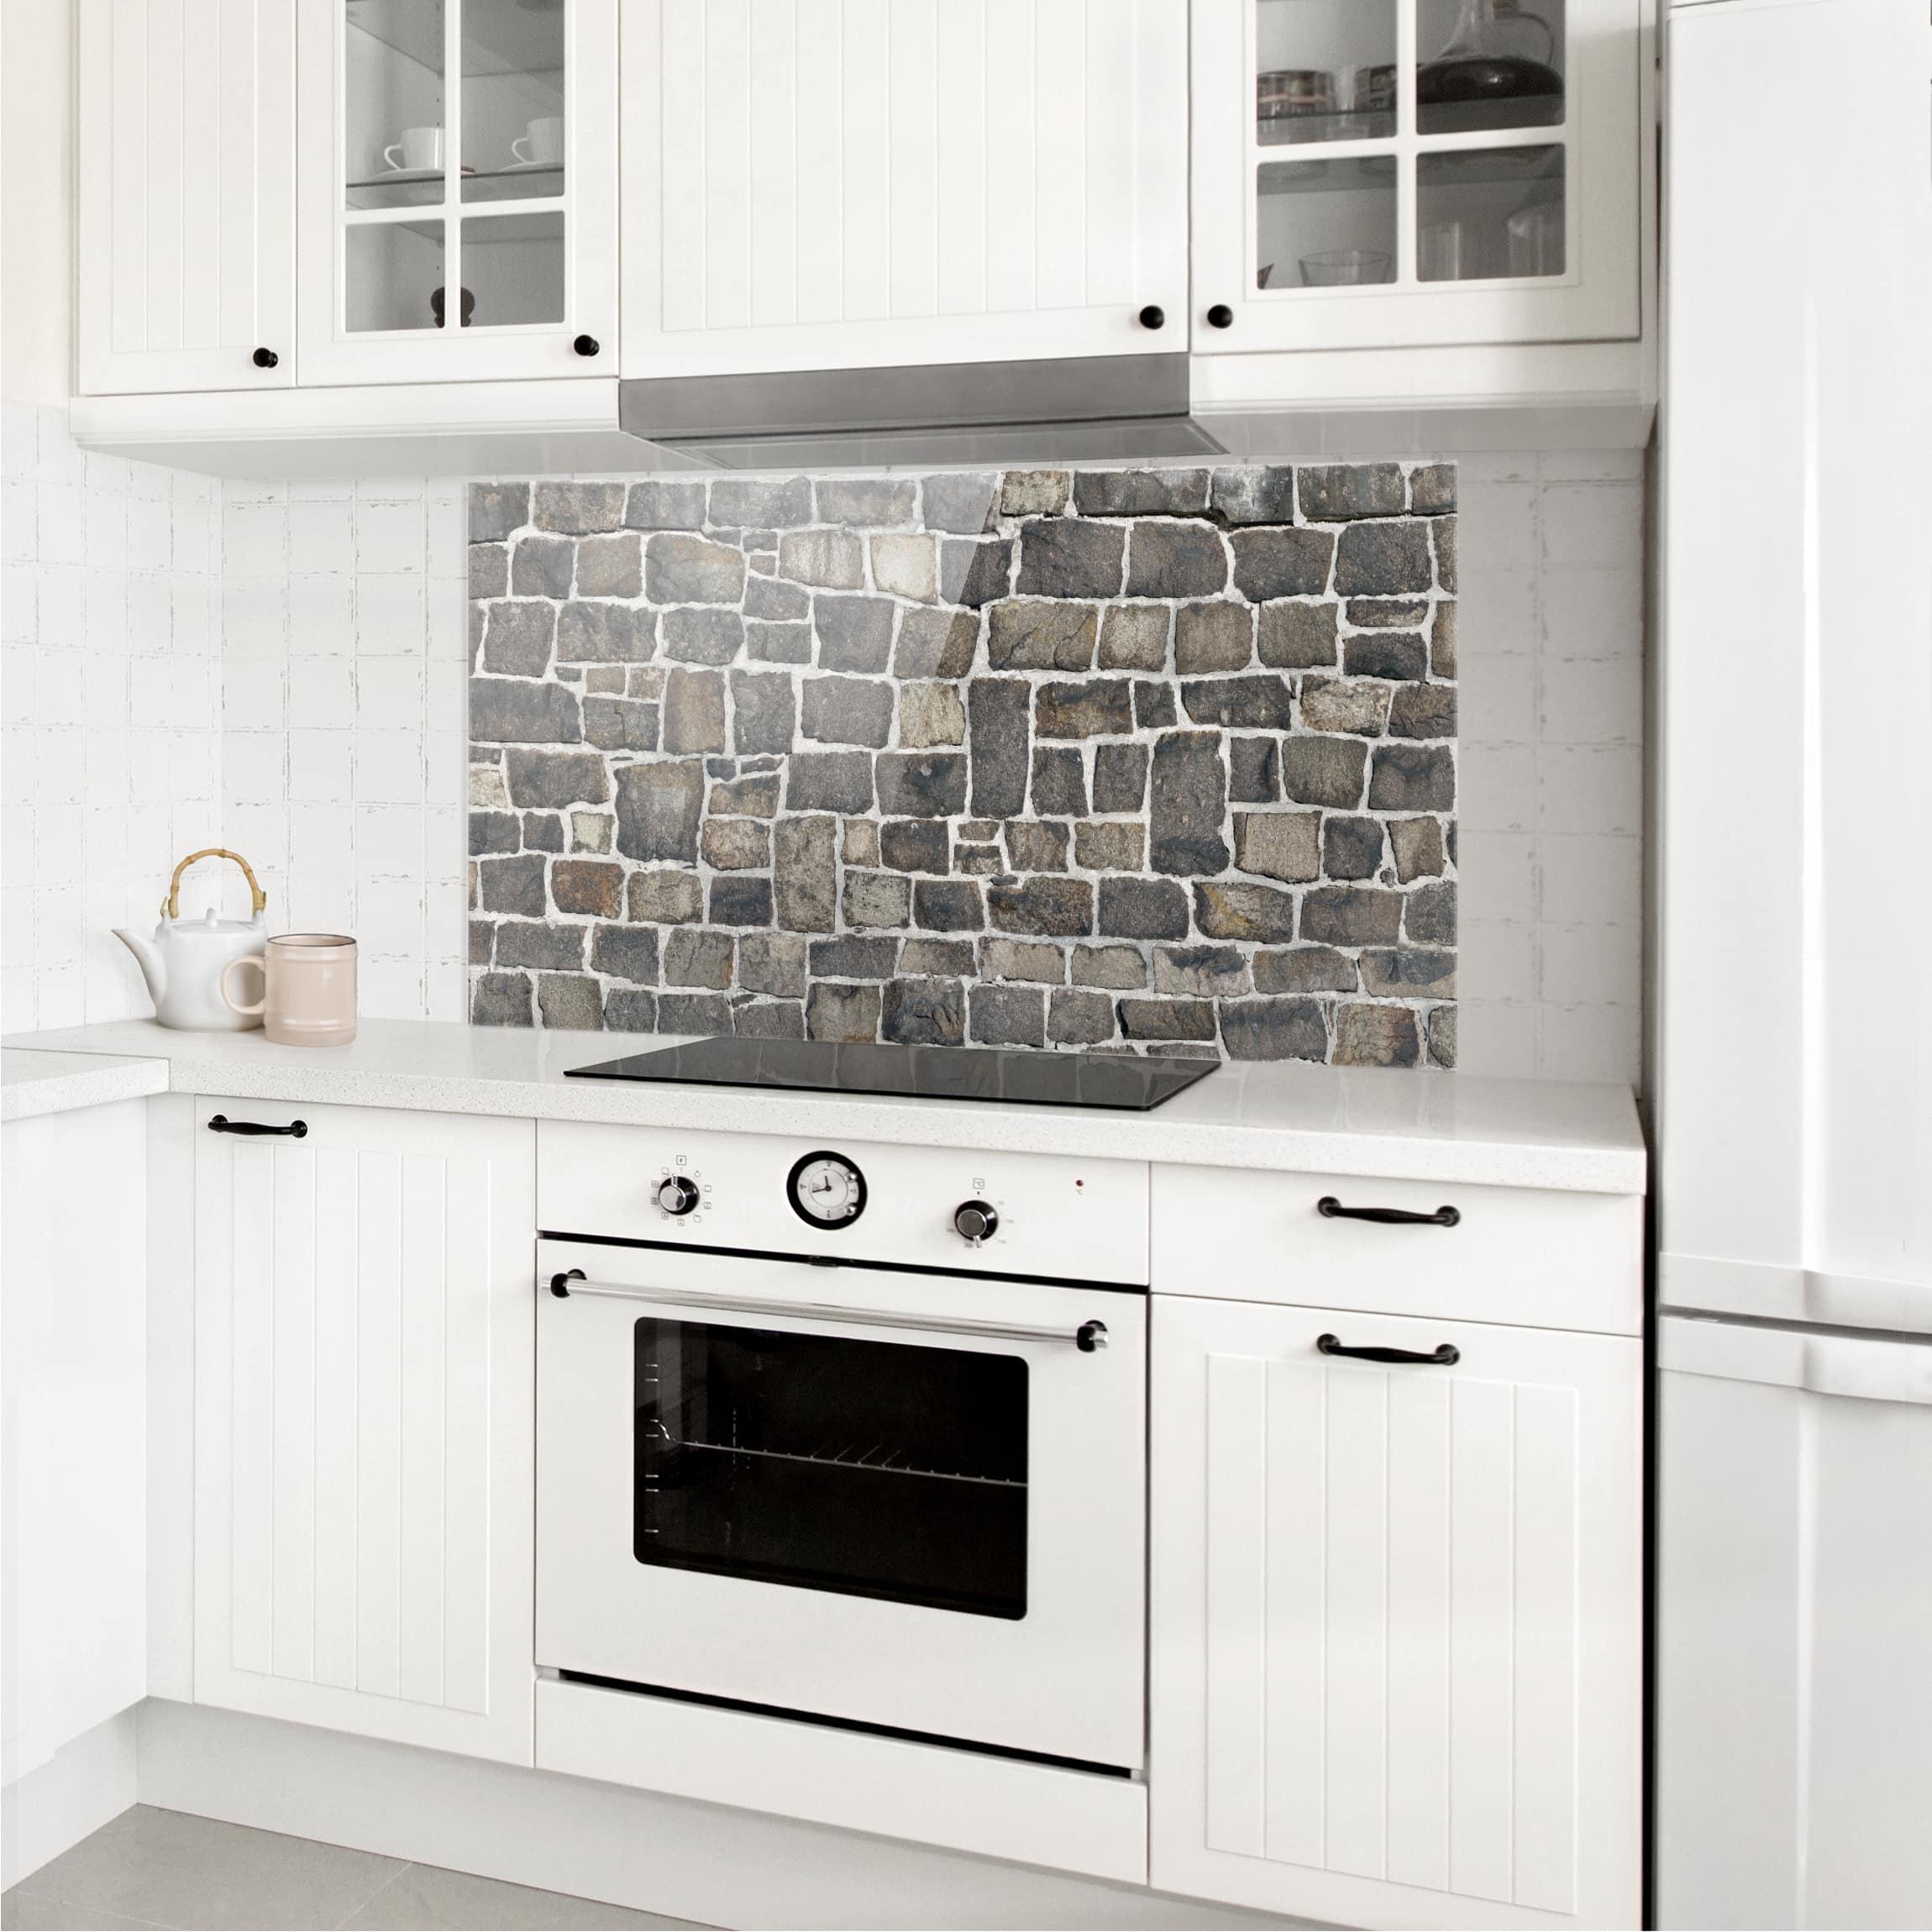 spritzschutz glas bruchsteintapete natursteinwand quer 1 2. Black Bedroom Furniture Sets. Home Design Ideas